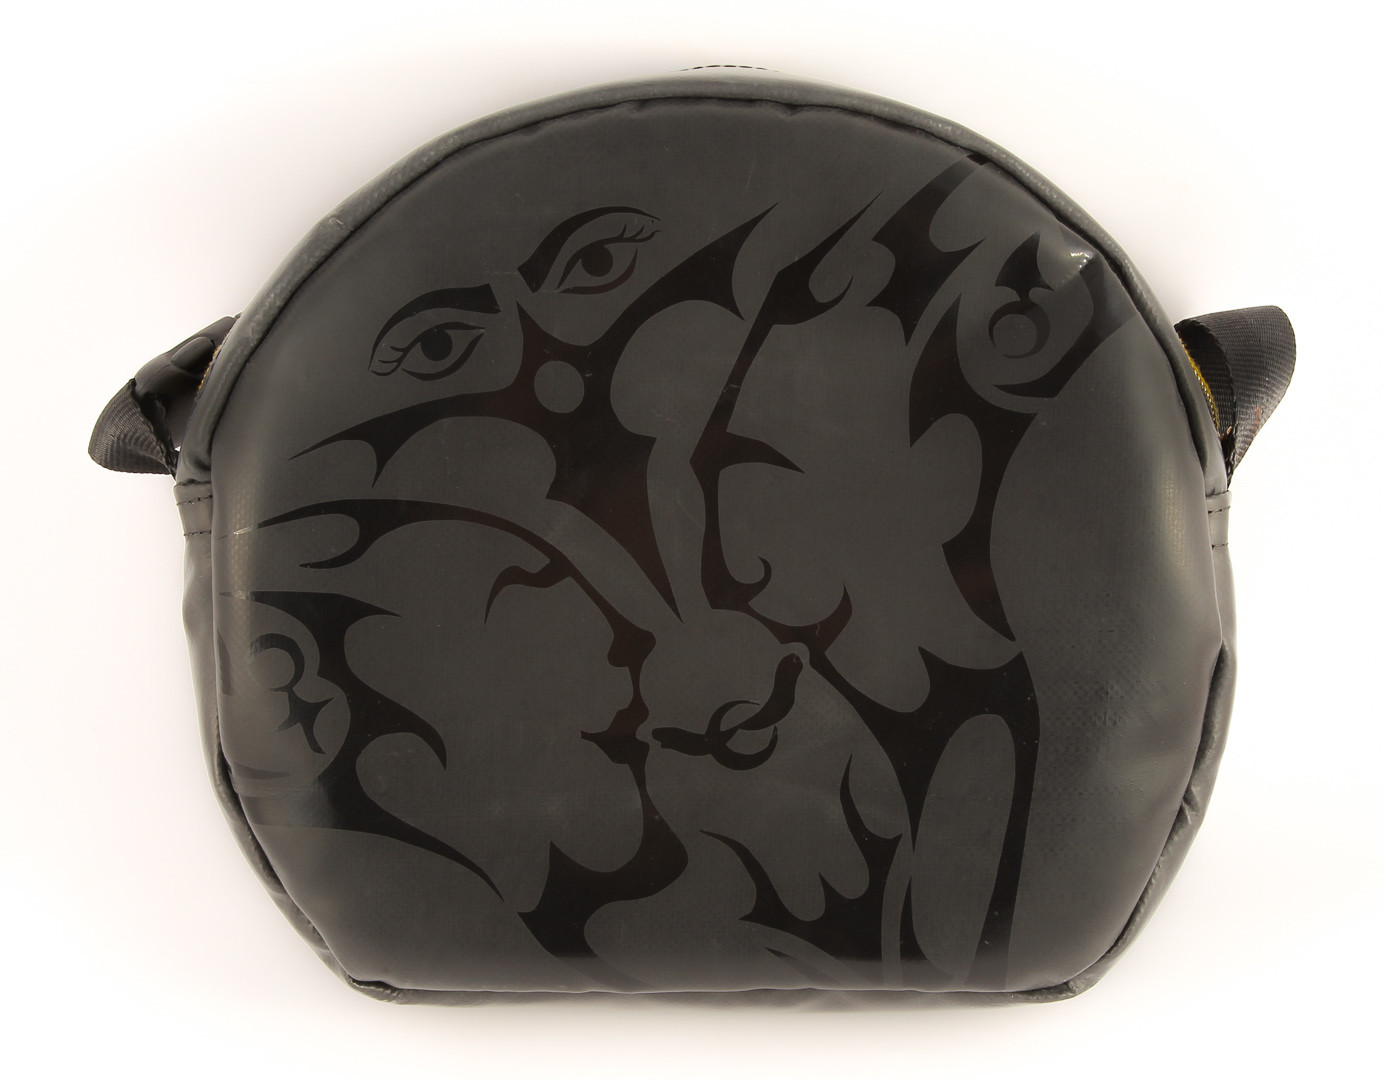 Handtasche INSOMNIA DarkStar rund - Handarbeit - Made in Germany